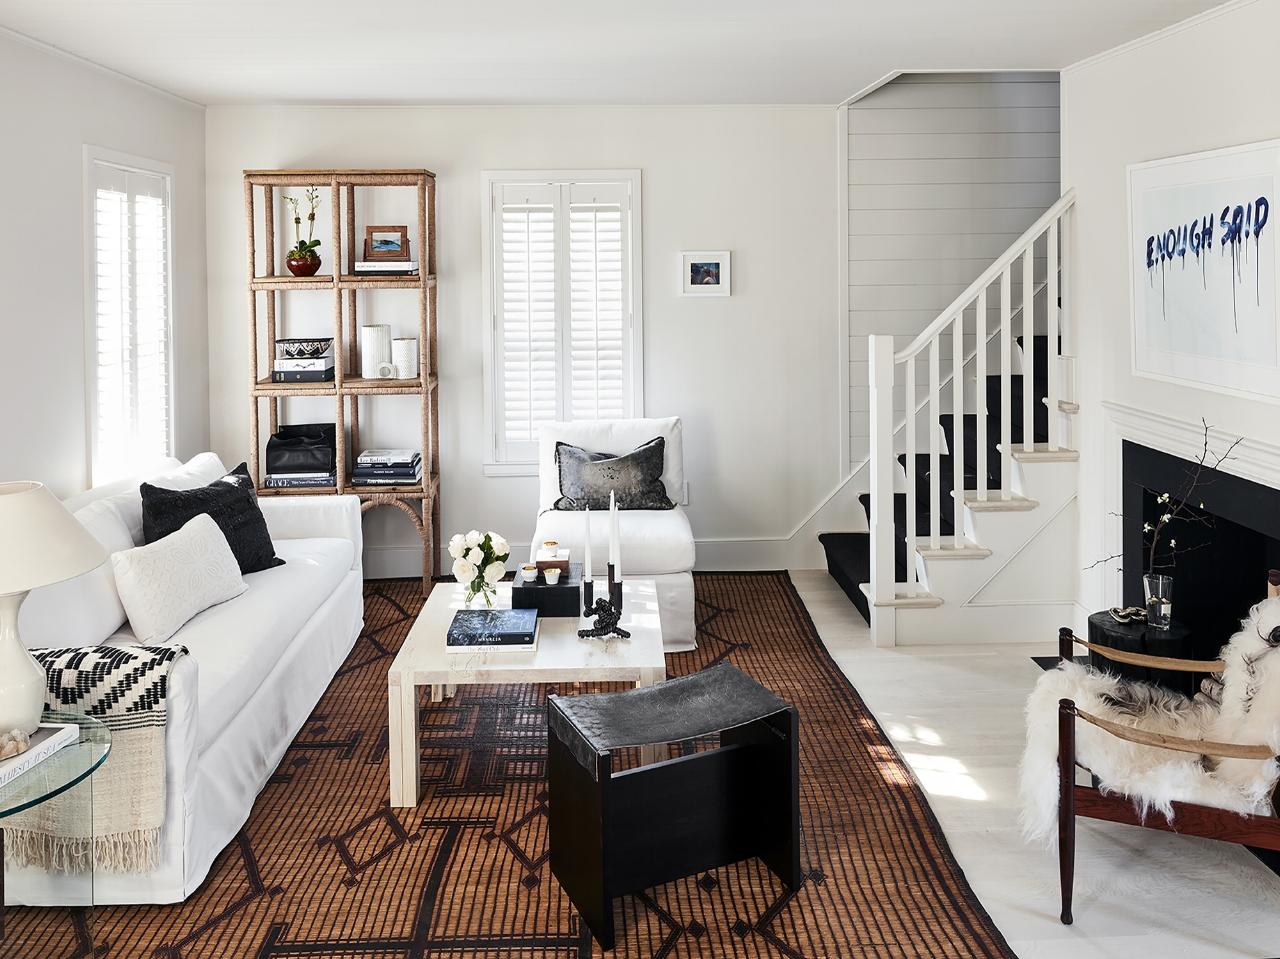 K.Mann_Nantucket_Living Room.jpg